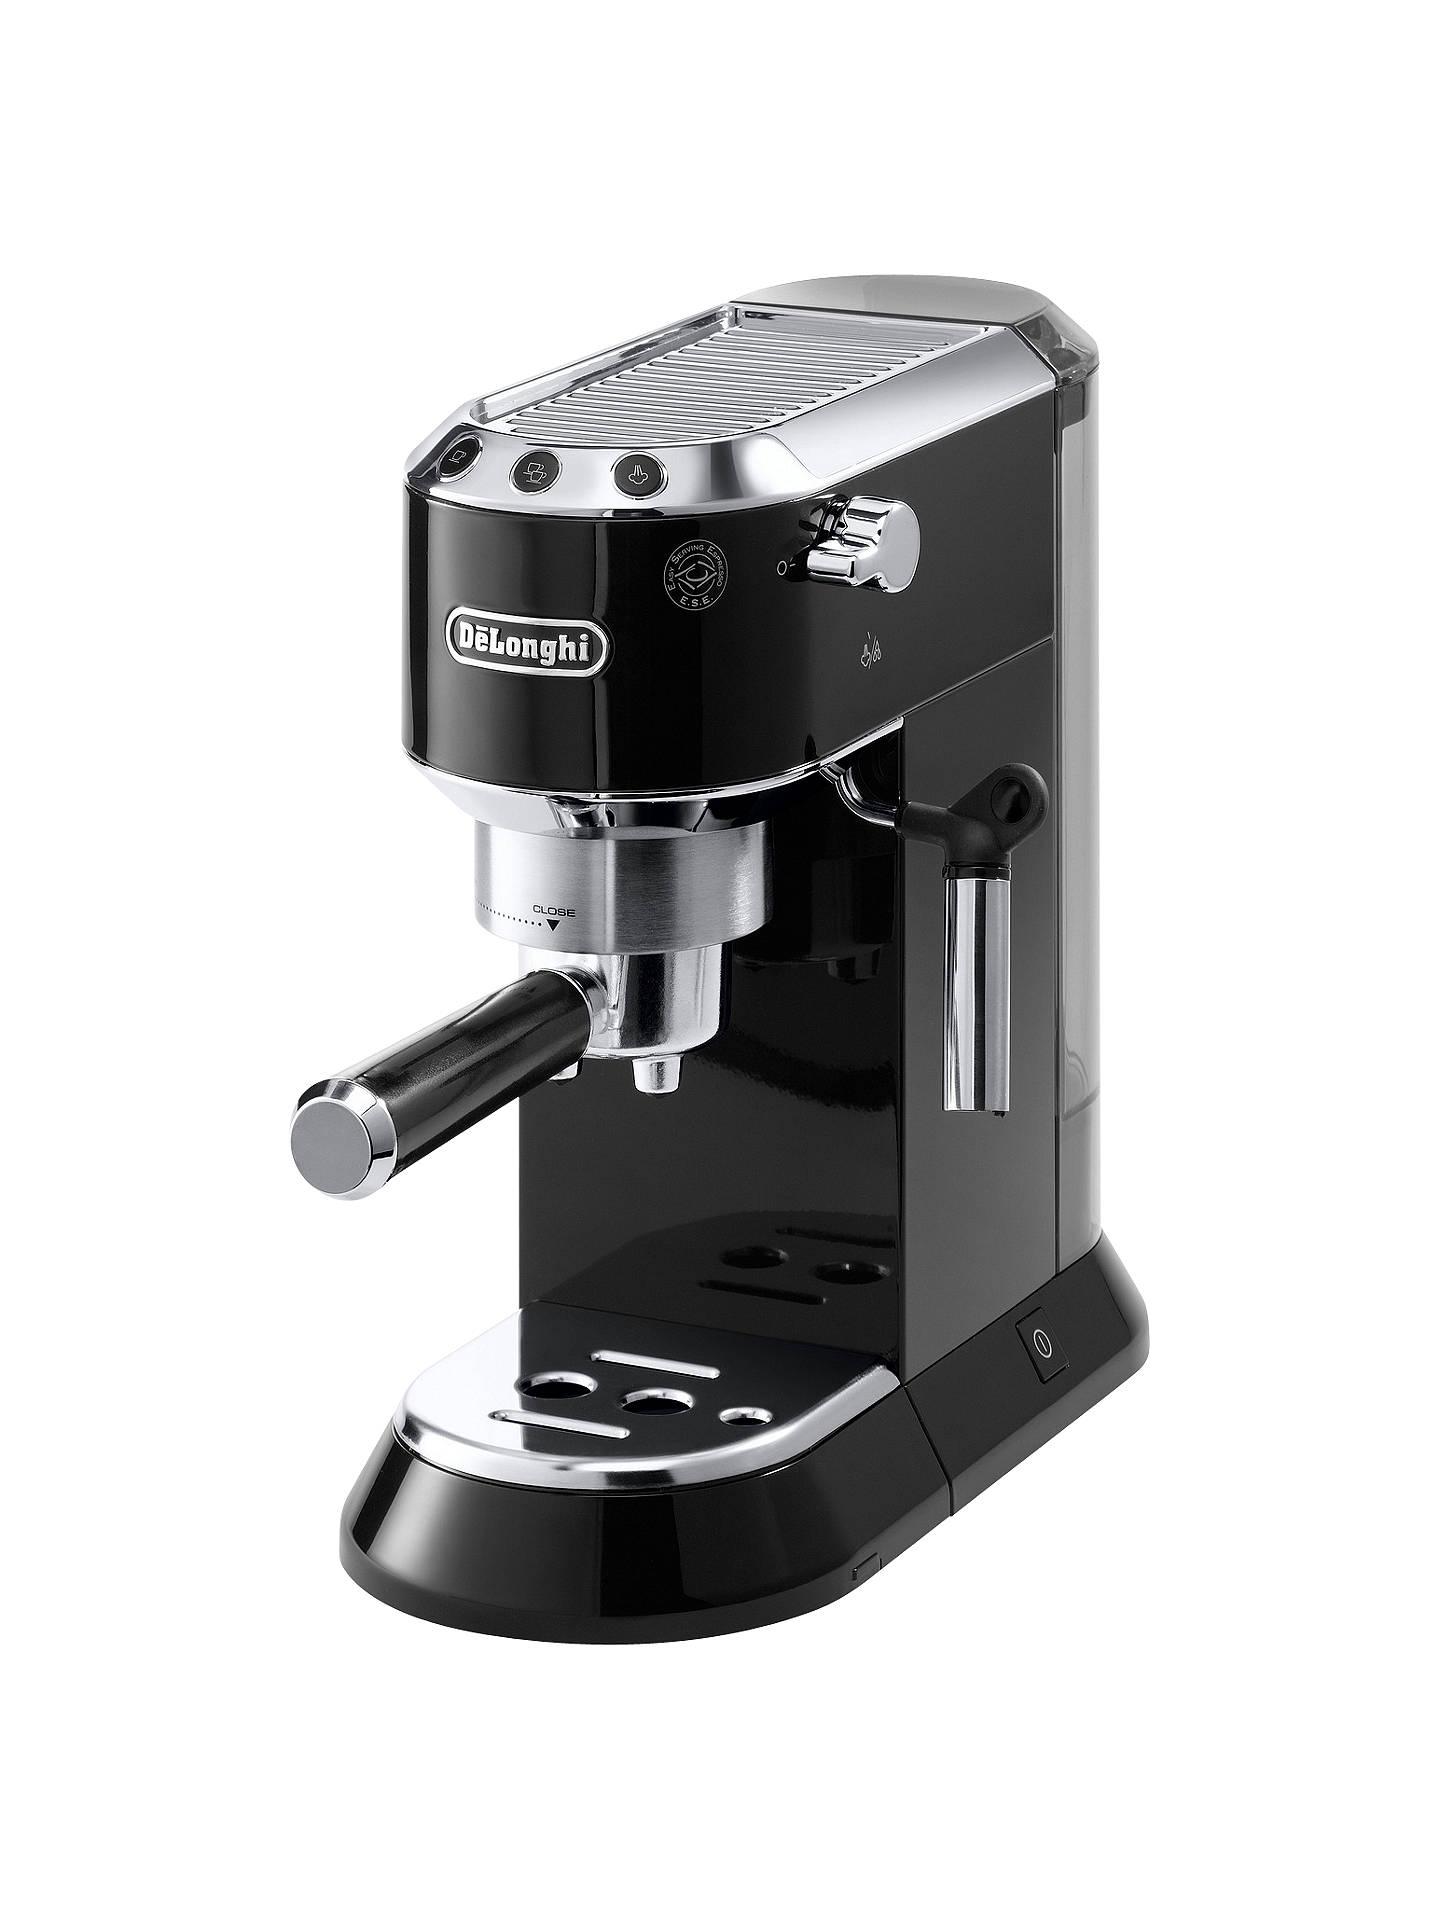 Delonghi Ec680 Dedica Pump Espresso Coffee Machine At John